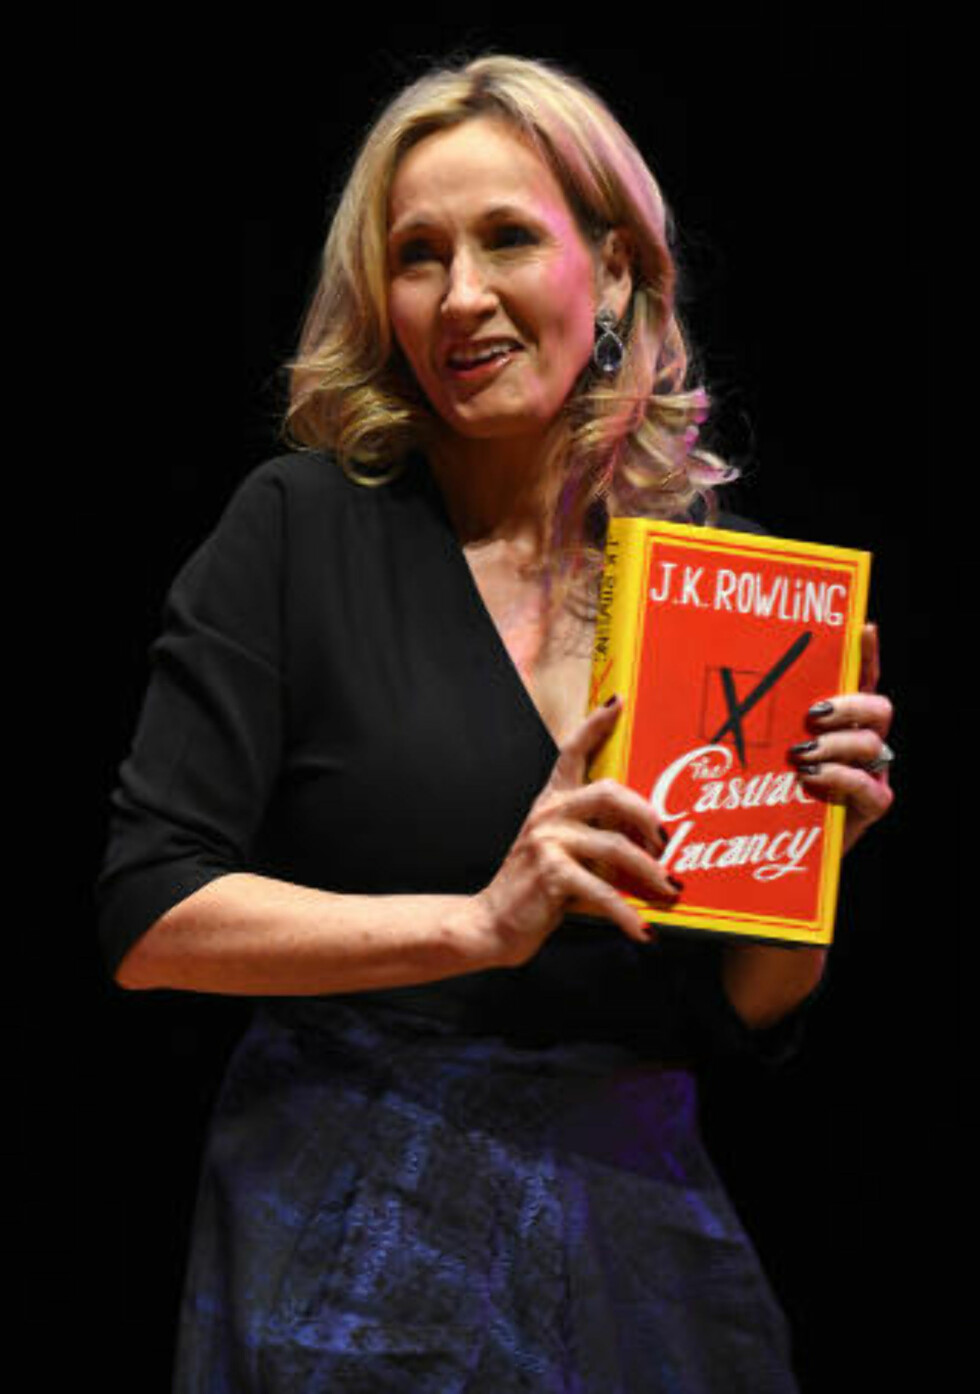 FRA MAGI TIL IRONI: Hun skriver godt, Rowling; vittig, ironisk, spissformulert og skarpt om typene med gjenkjennelige karakteristikker, skriver vår anmelder. Foto: PAUL HACKETT / REUTERS / NTB SCANPIX